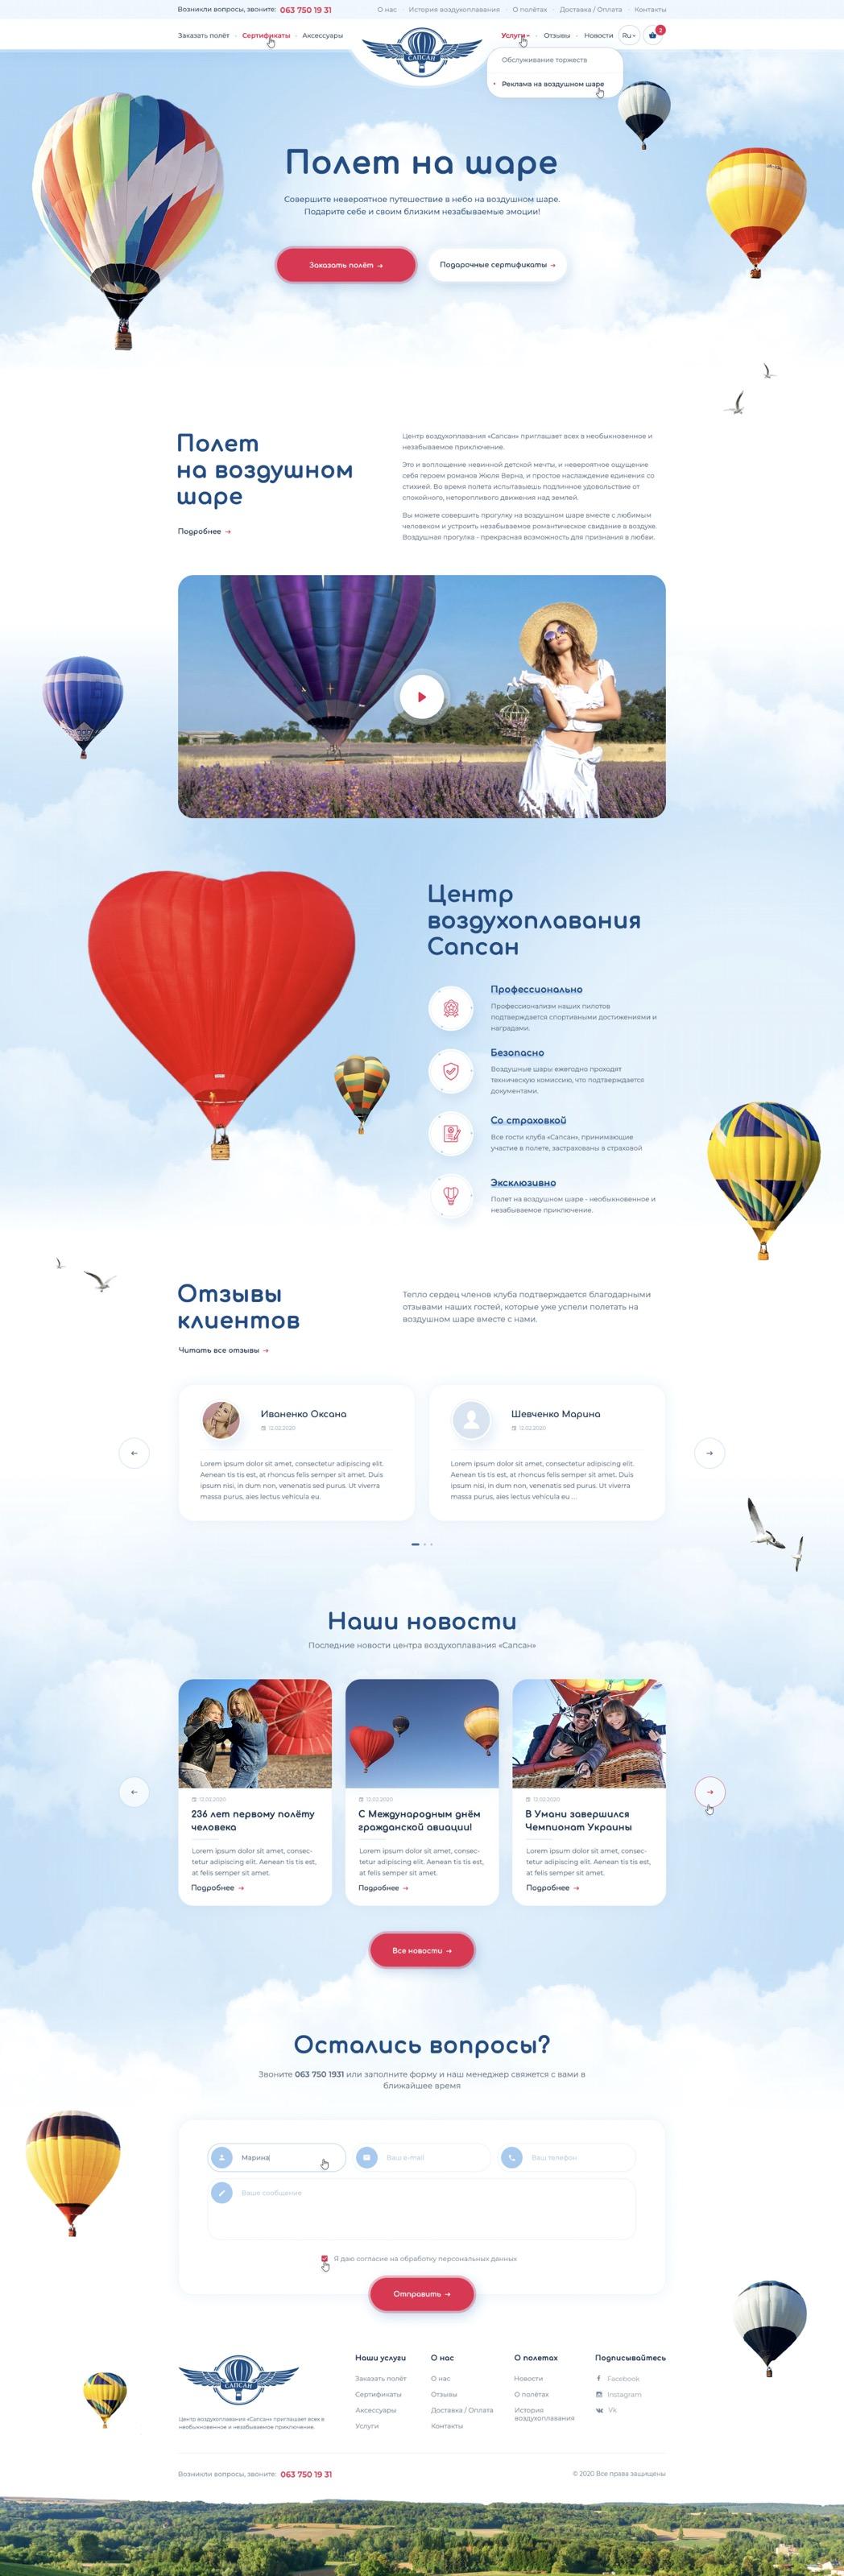 Сапсан - воздушные шары